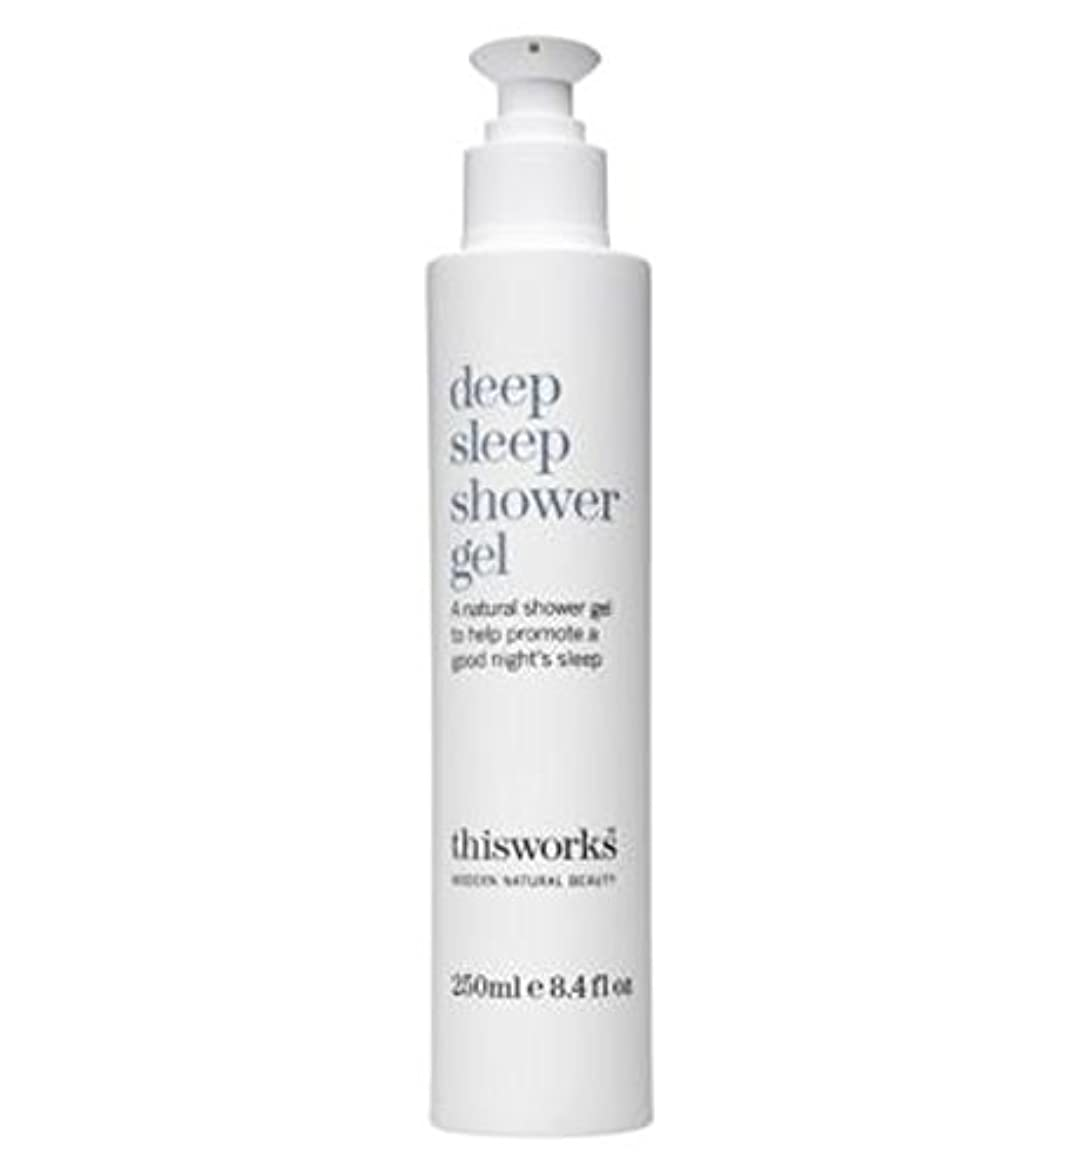 責任基礎理論憲法this works deep sleep shower gel 250ml - これは、深い眠りシャワージェル250ミリリットルの作品 (This Works) [並行輸入品]